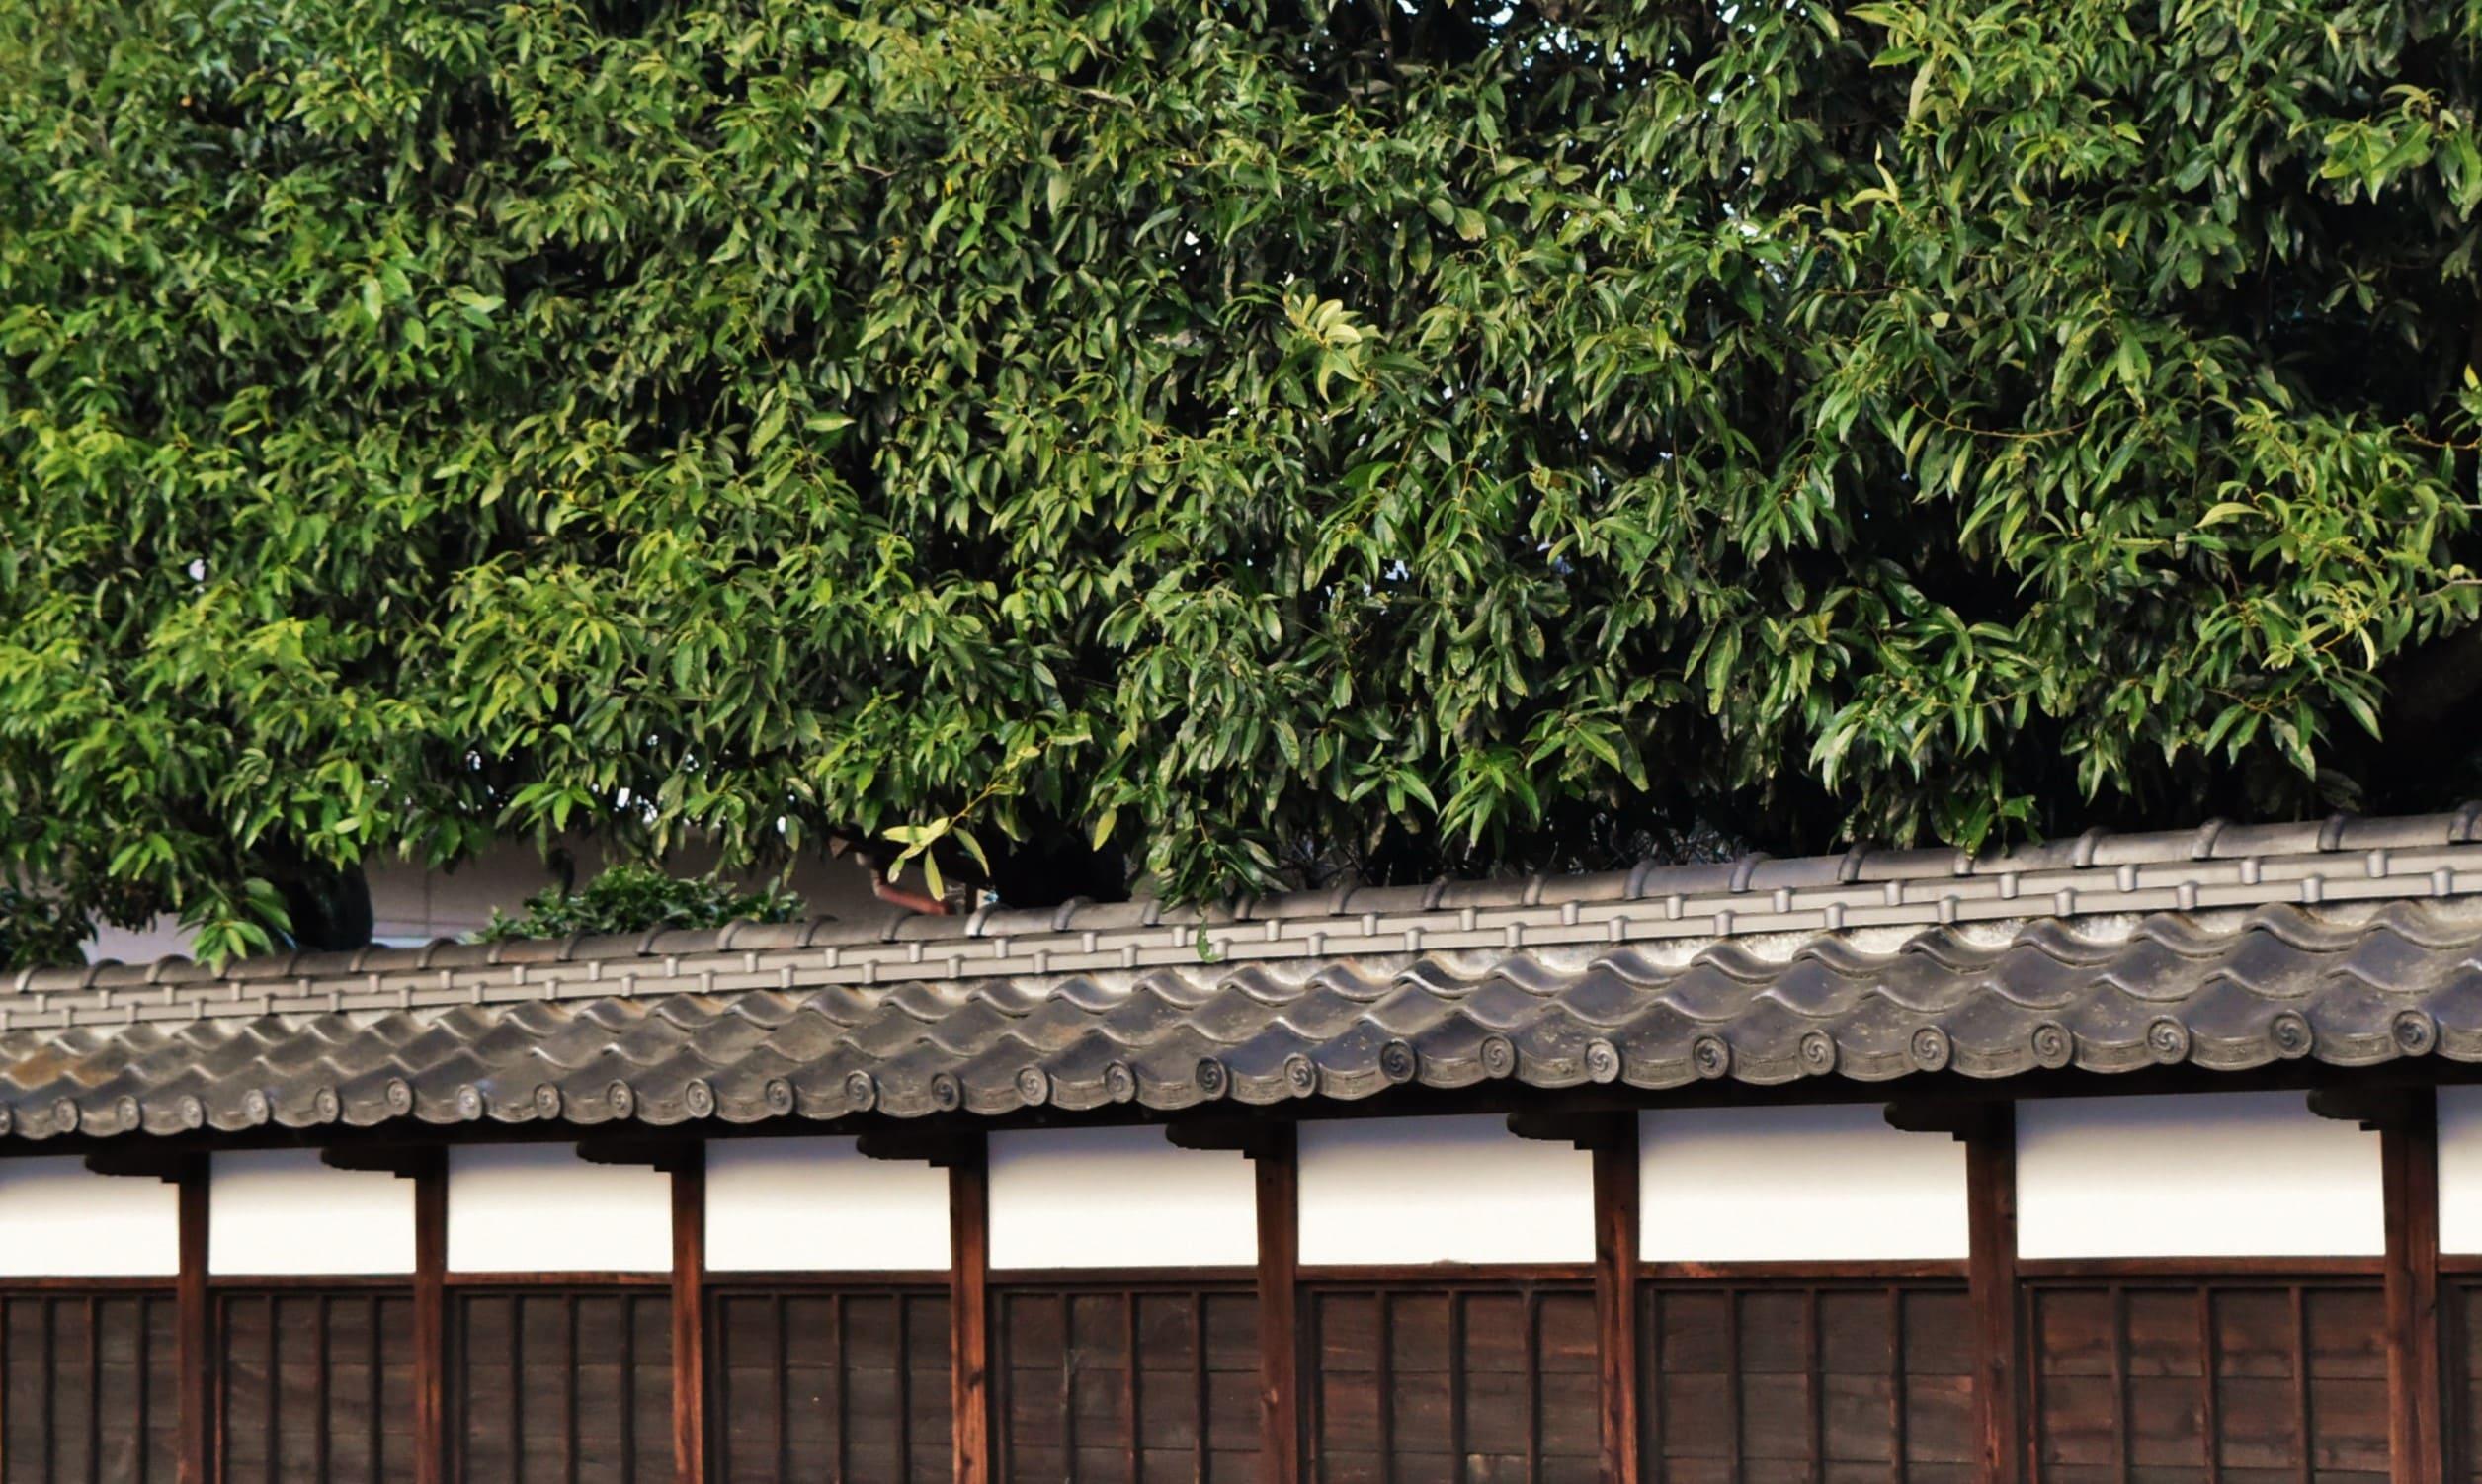 垣根に適した木 シラカシ